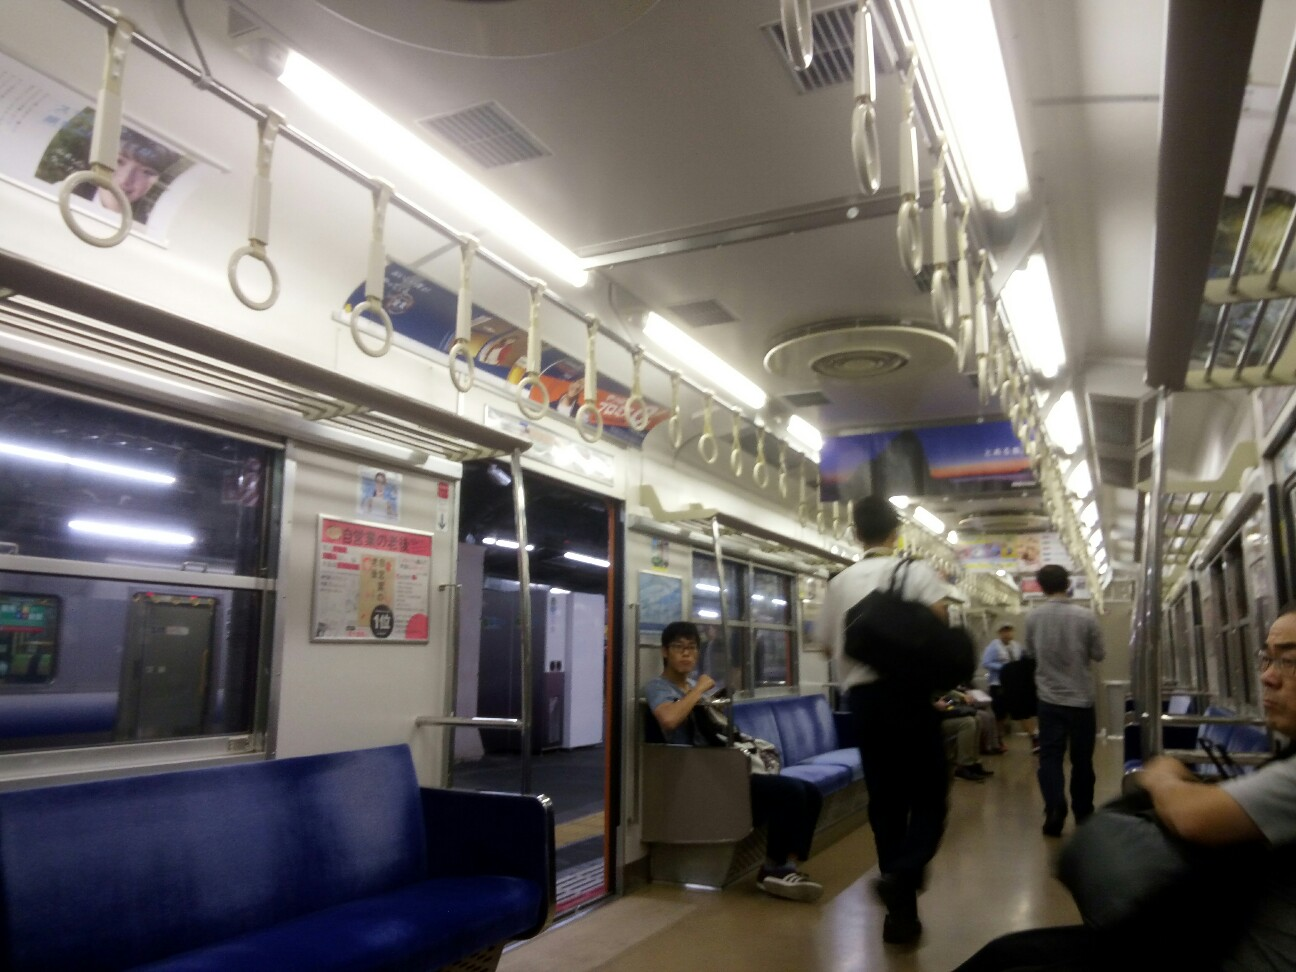 f:id:Osakaloopline:20170930235119j:image